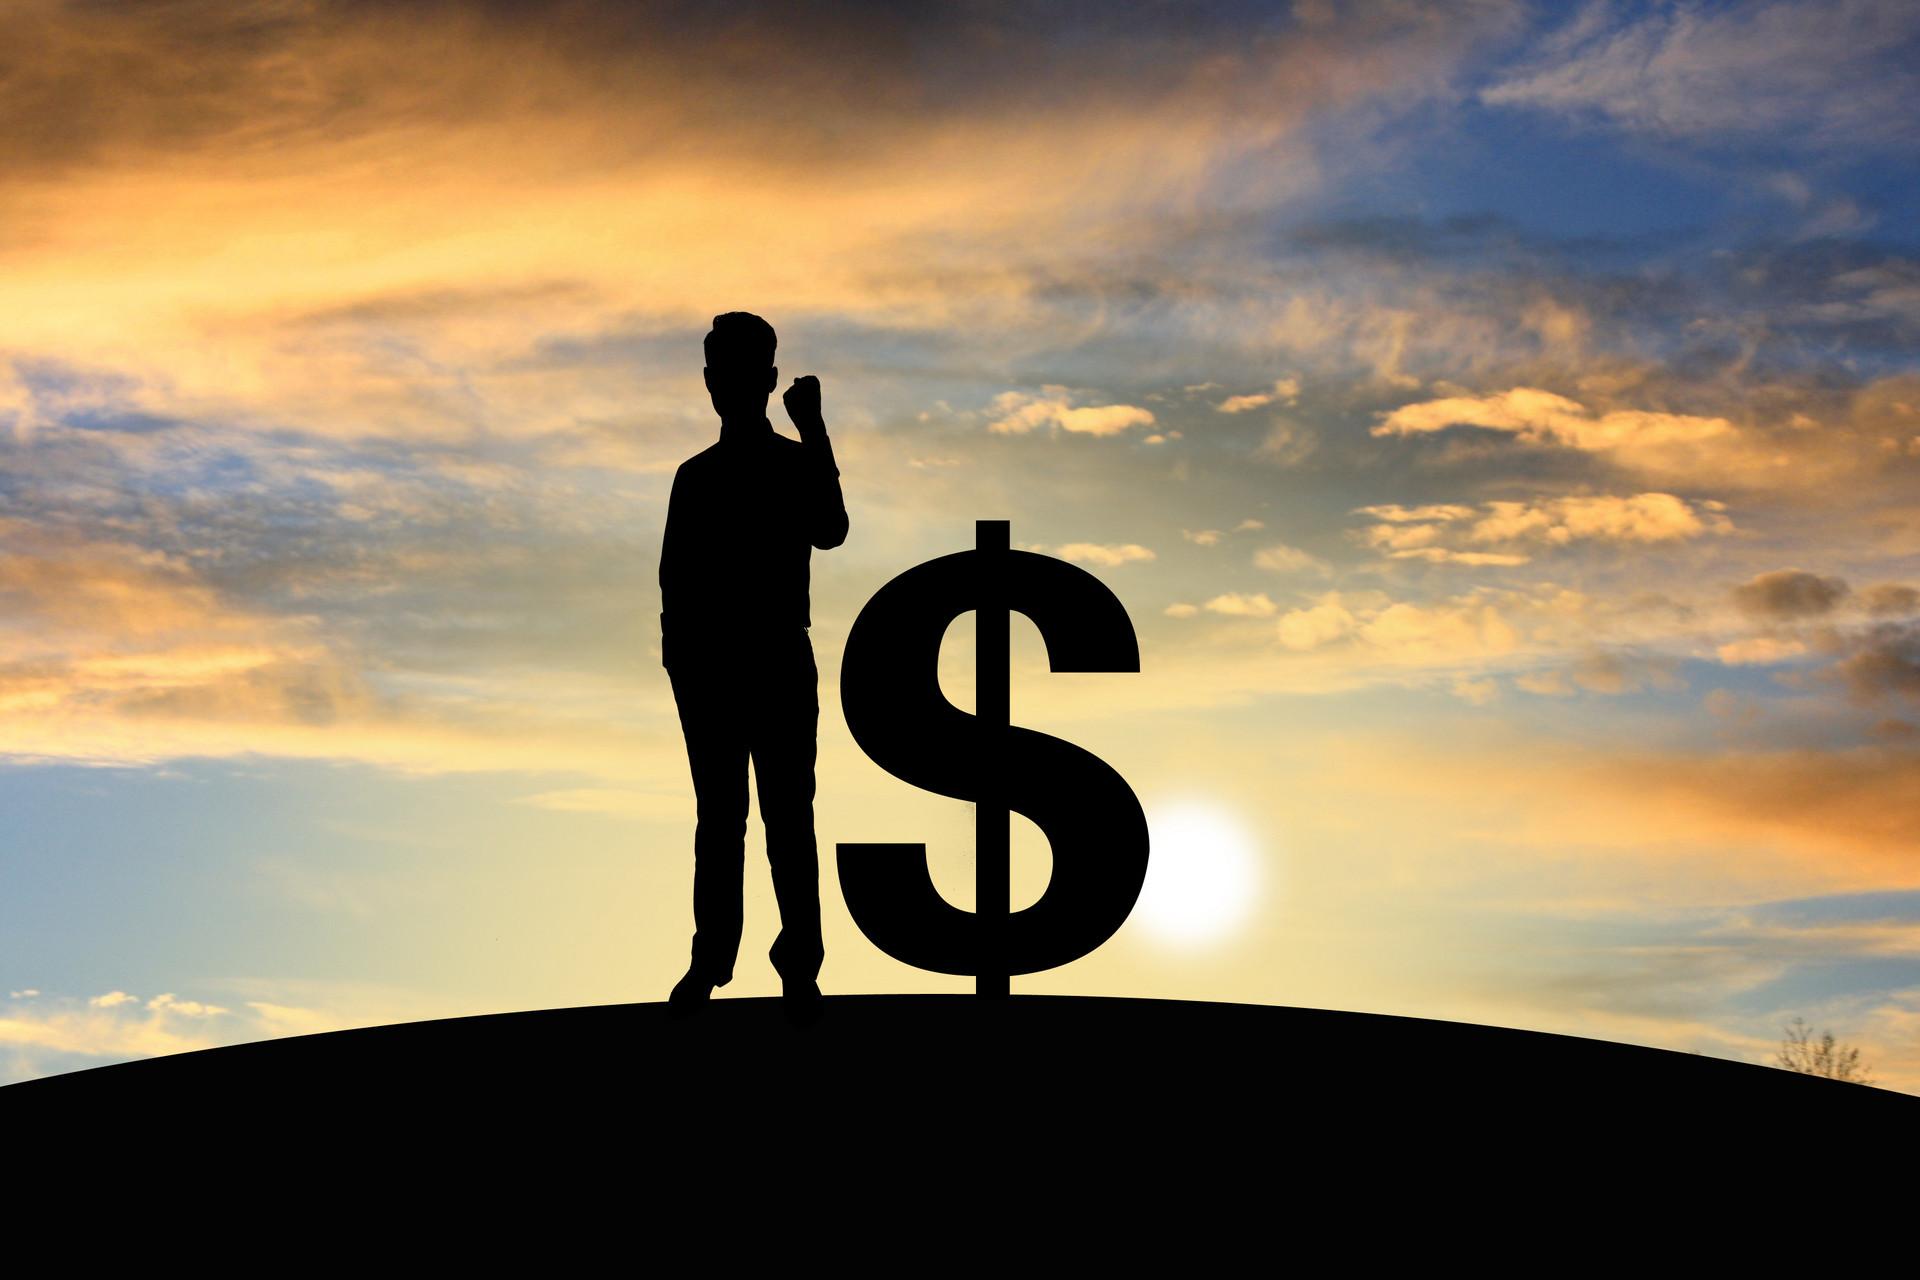 代发薪资平台税务风险